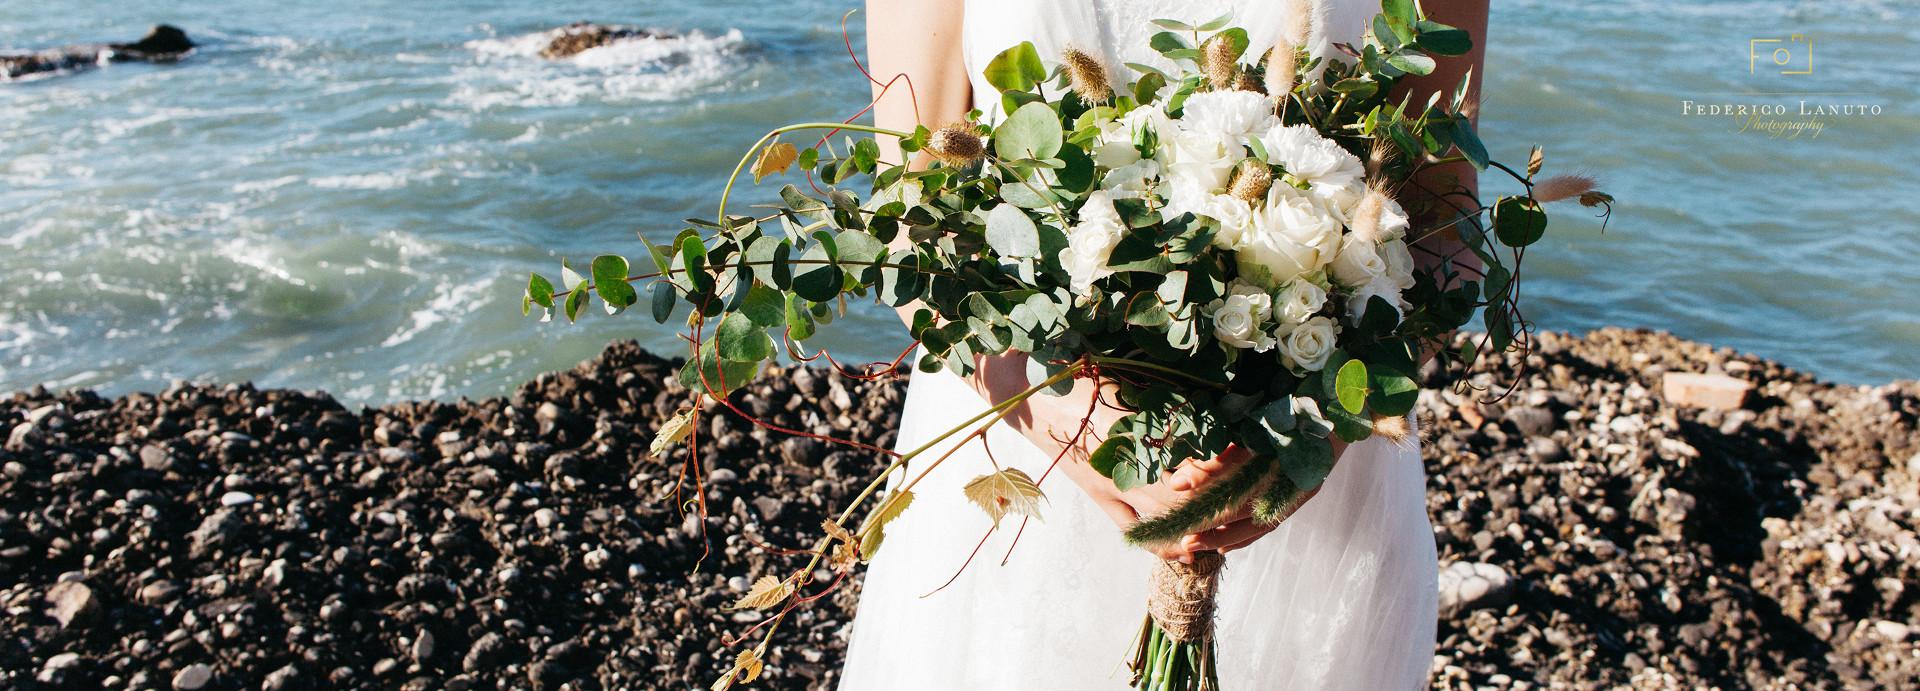 fotografo-matrimonio-abruzzo-1